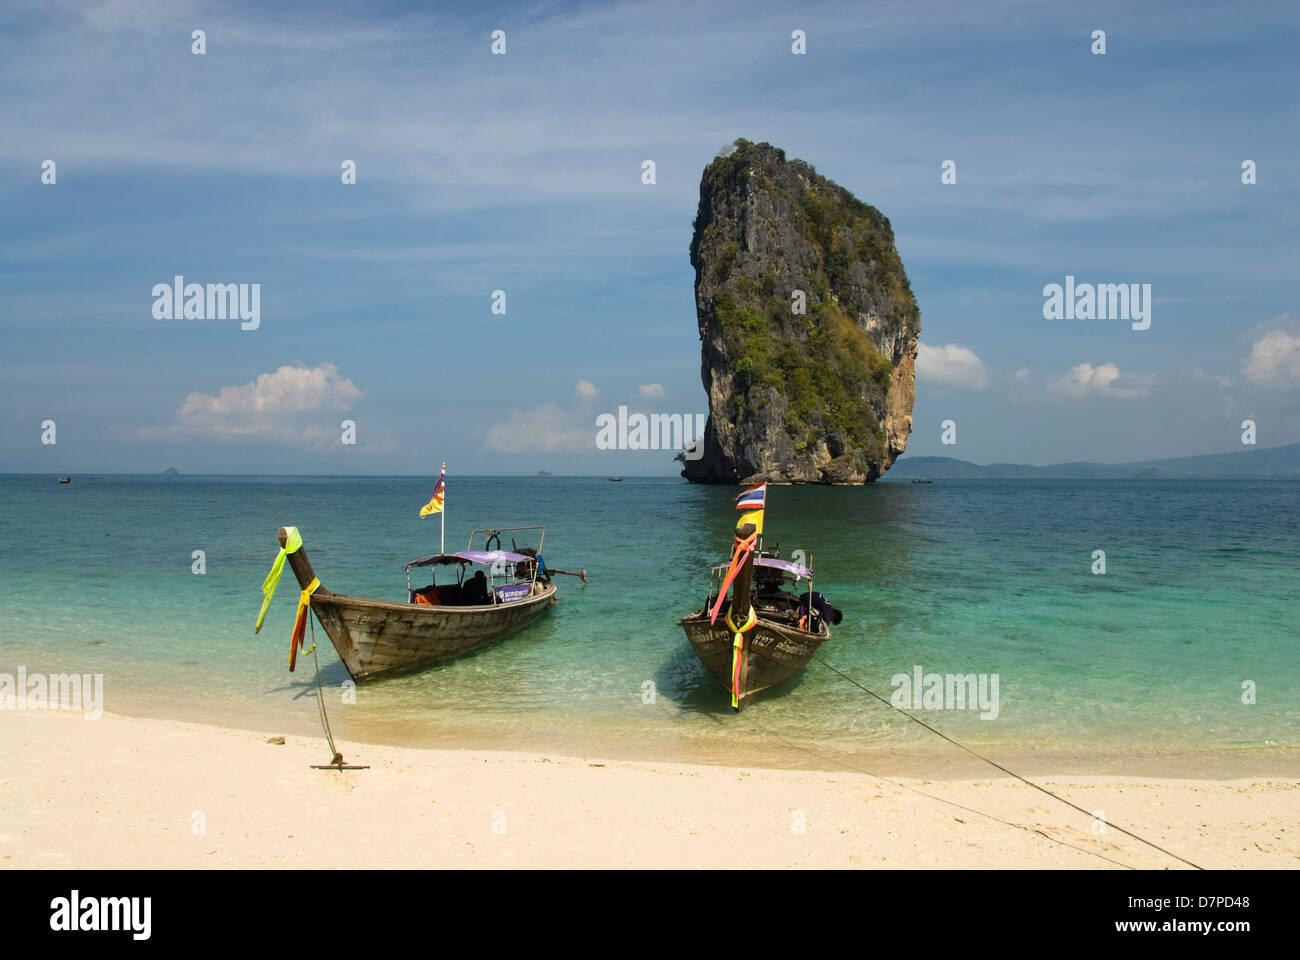 Poda island in Thailand, Thailaendische Insel Poda Island Stock Photo